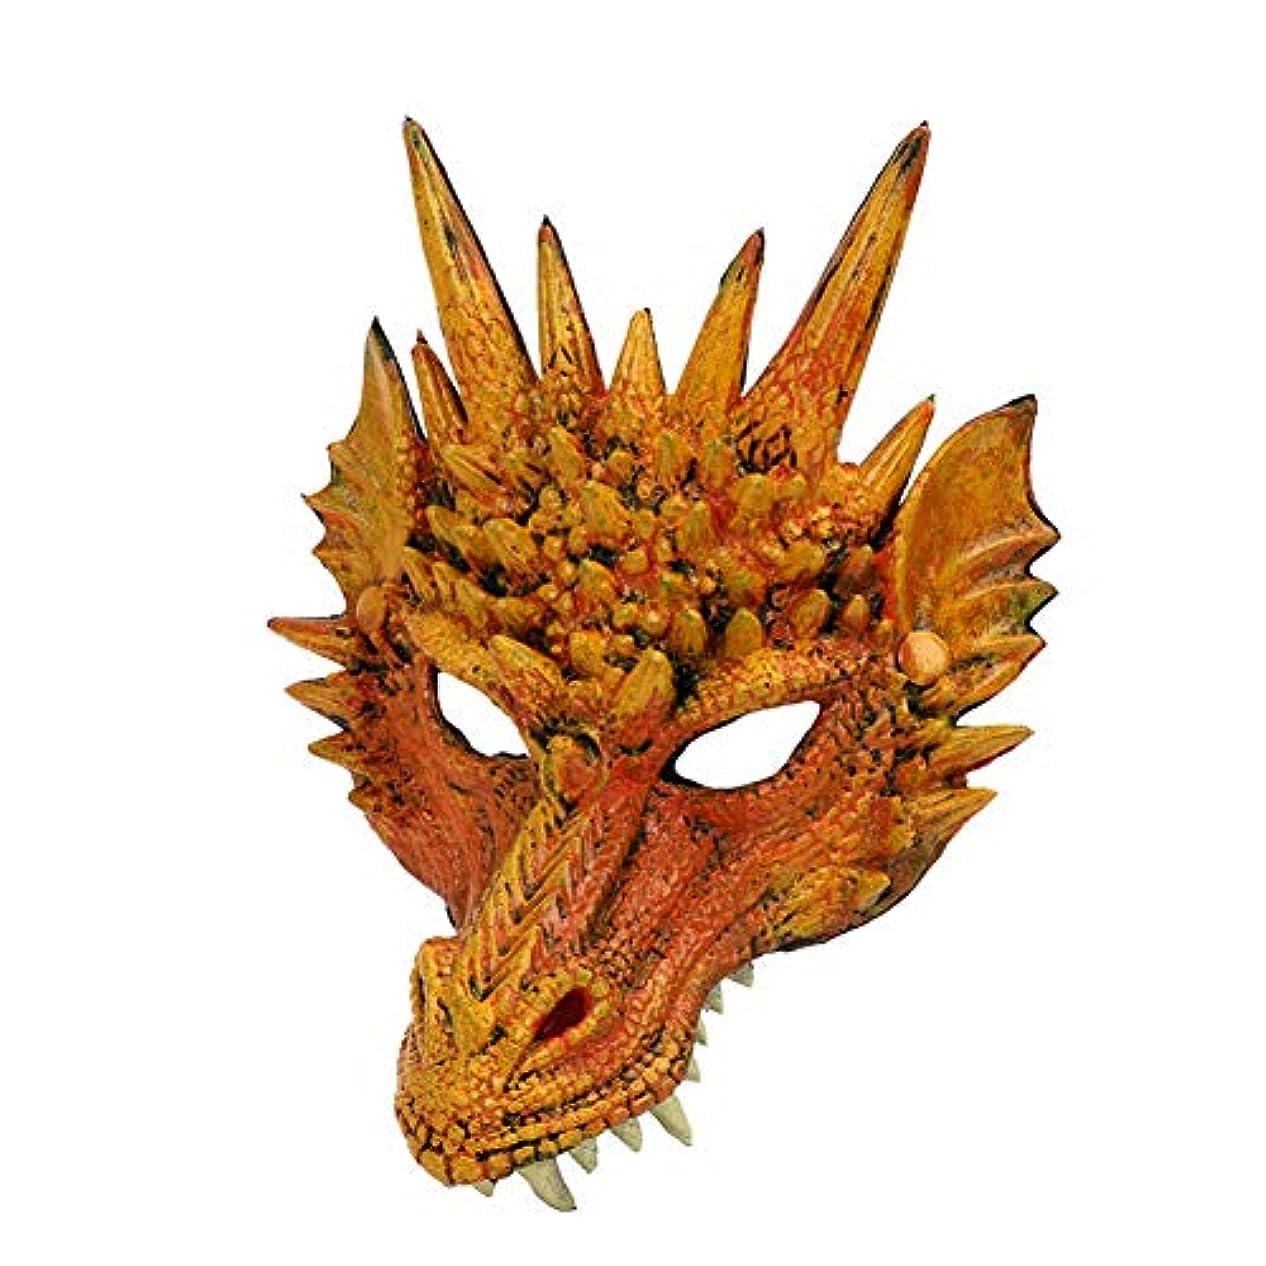 バウンド訴えるペインギリックEsolom 4Dドラゴンマスク ハーフマスク 10代の子供のためのハロウィンコスチューム パーティーの装飾 テーマパーティー用品 ドラゴンコスプレ小道具